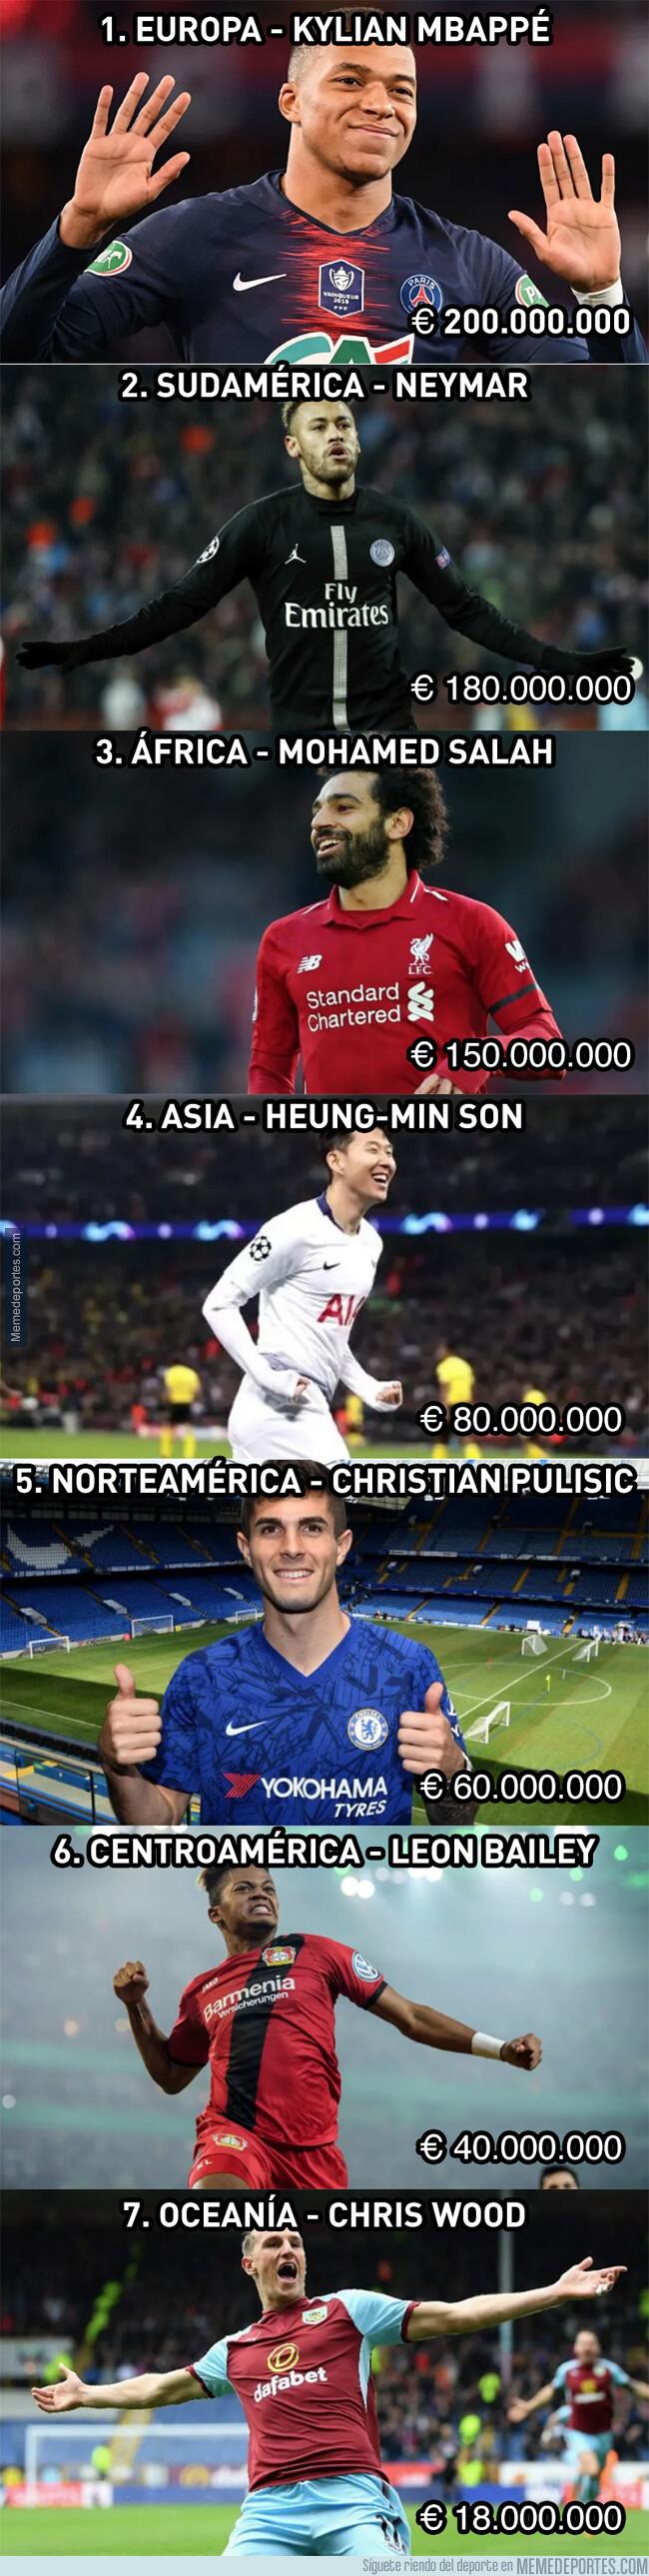 1080729 - Los jugadores más valiosos de todos los continentes